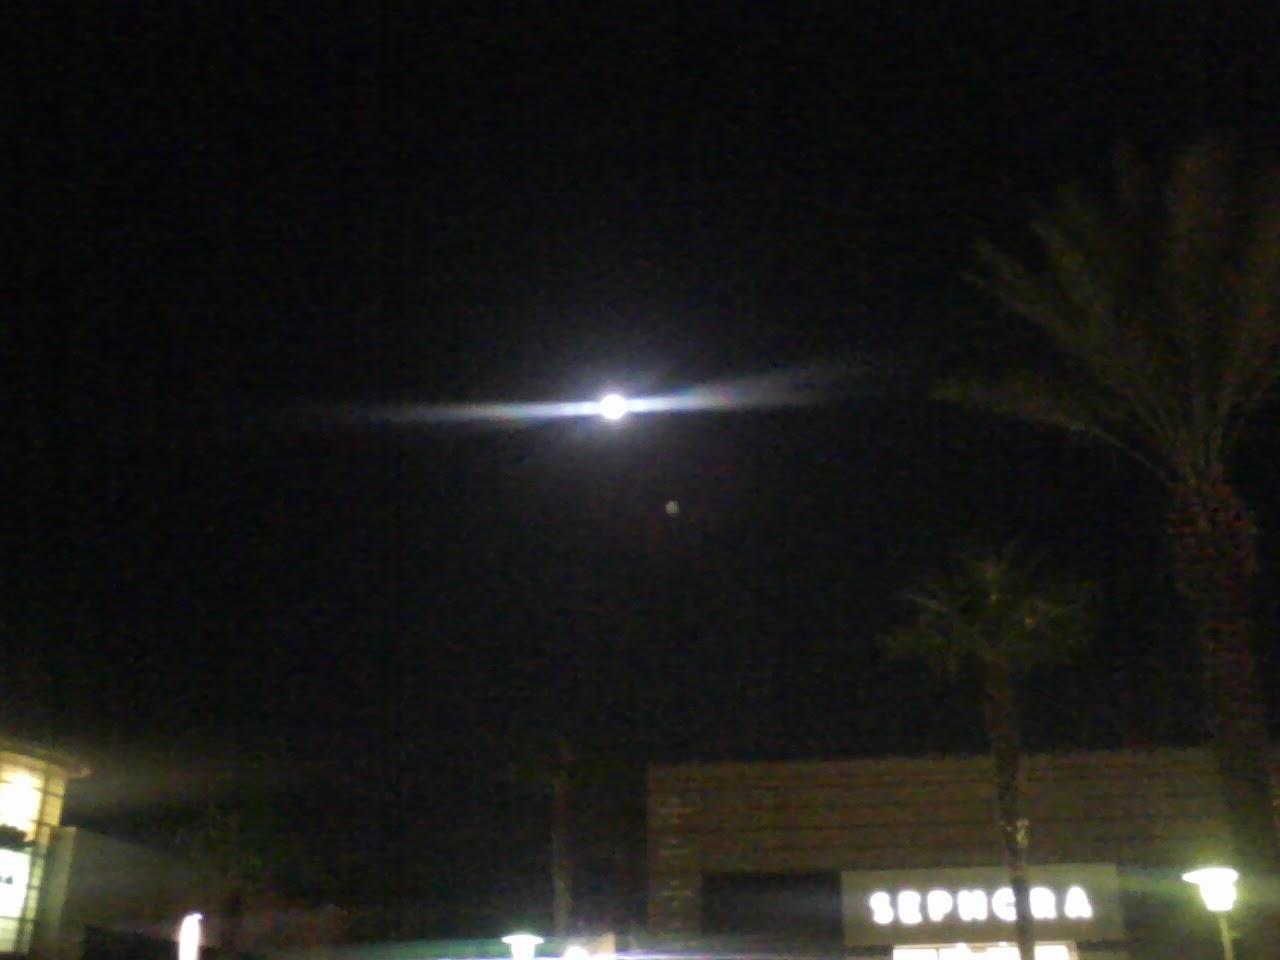 Sky - 0809214113.jpg